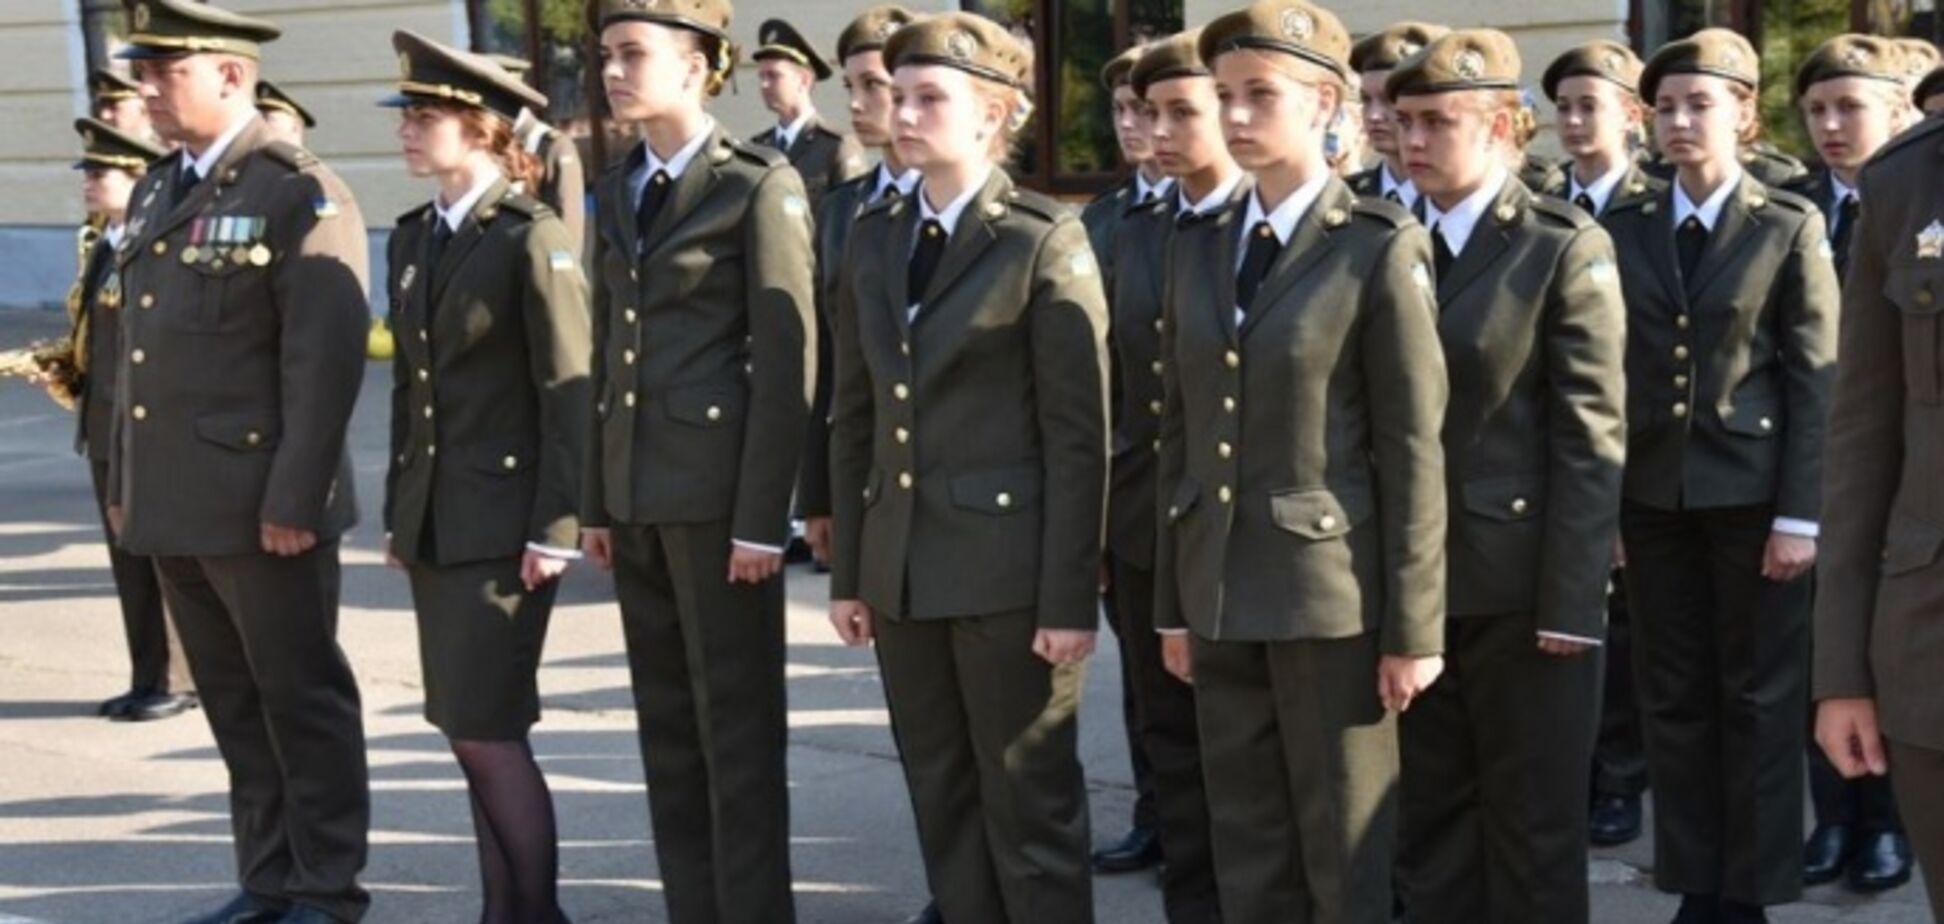 'Це виклик!' У київському військовому ліцеї вперше розпочали навчання дівчата. Відео